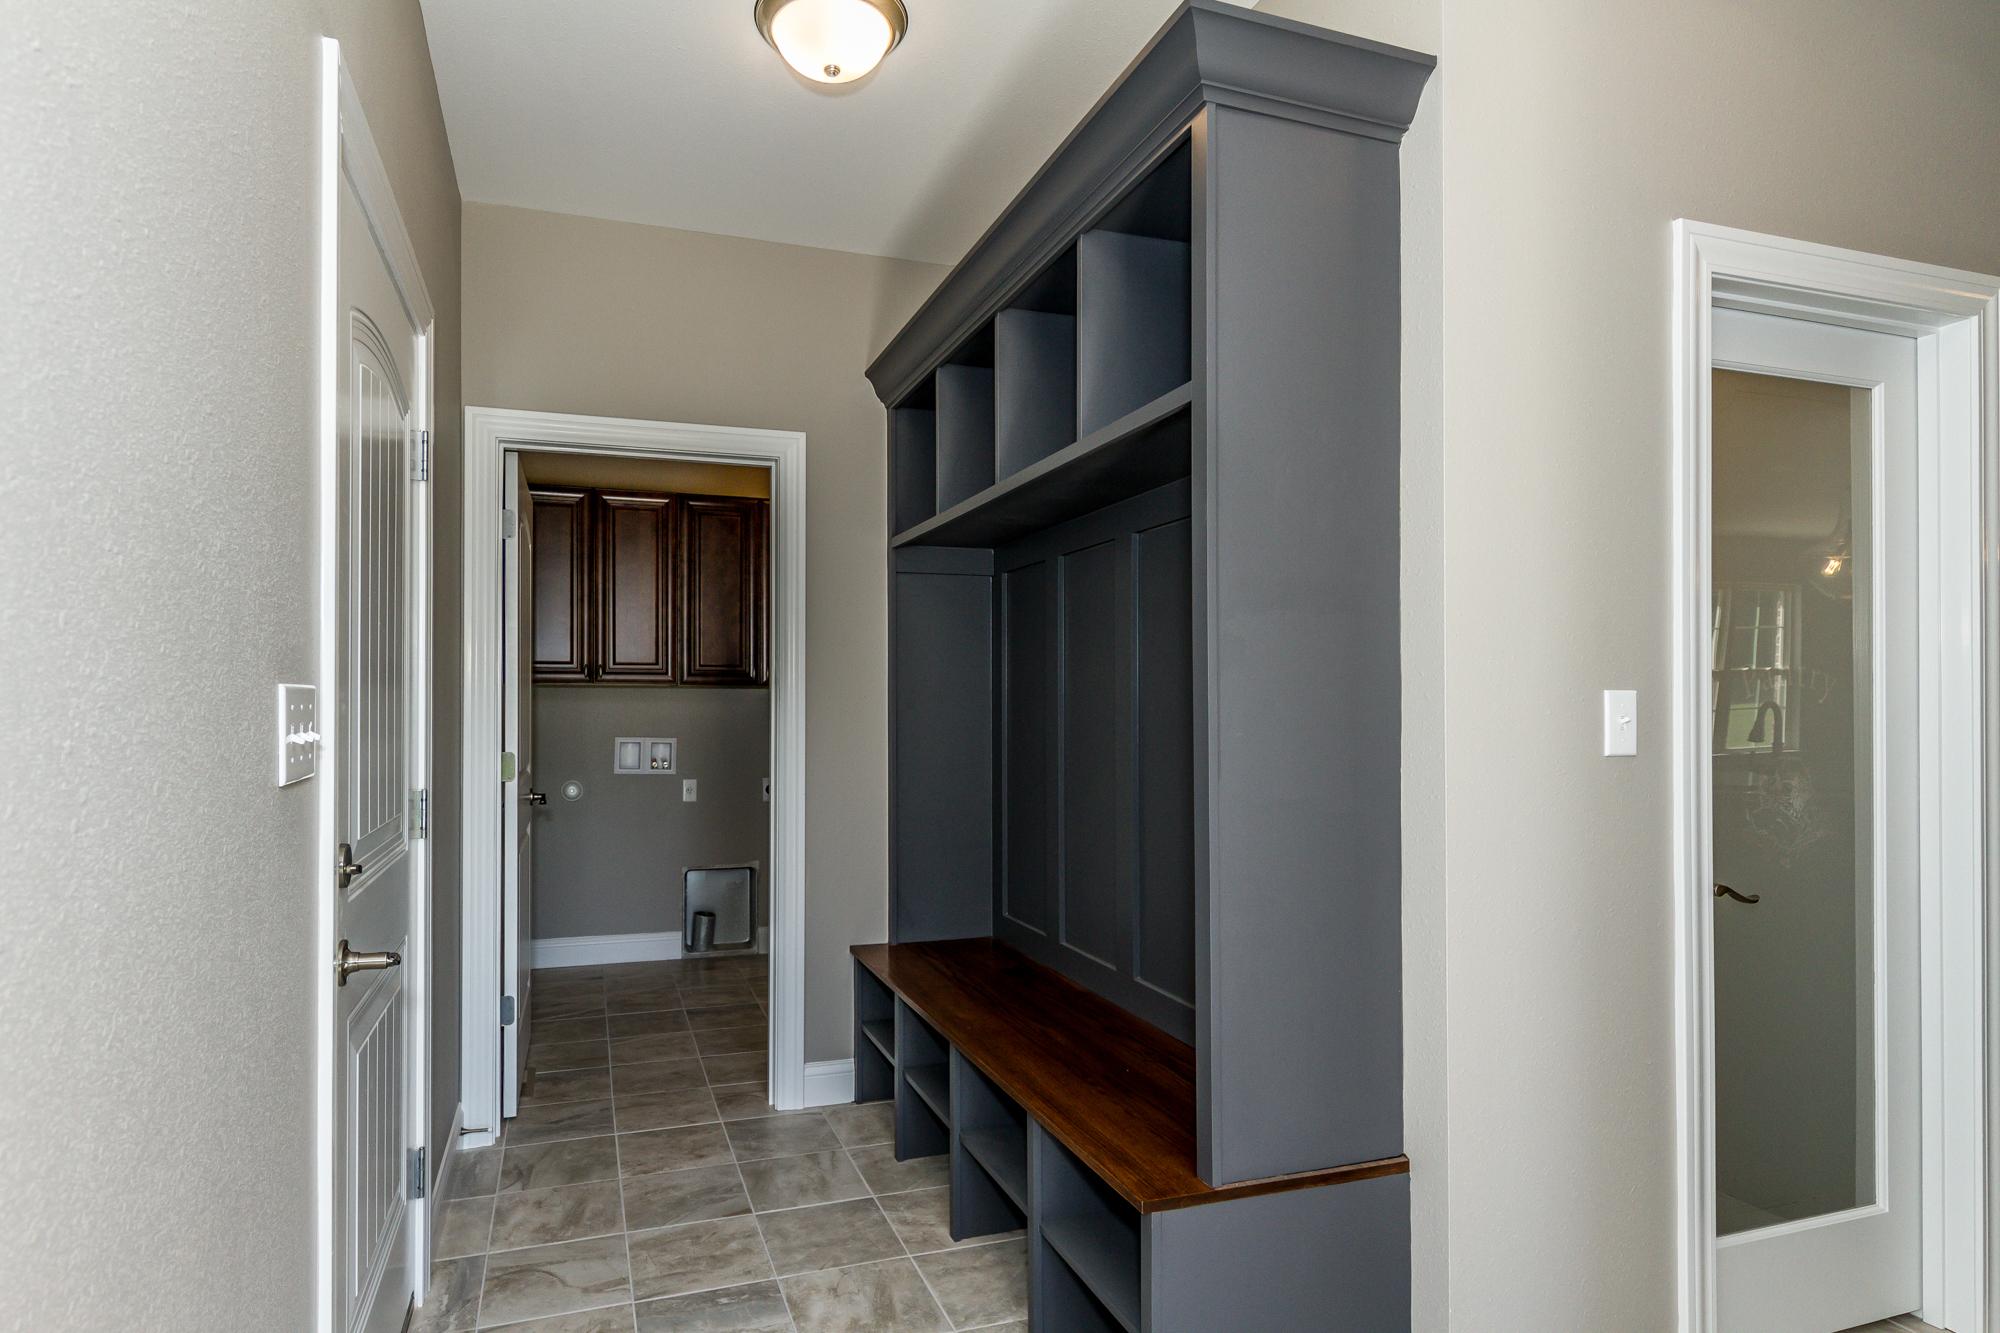 New-Construction-For-Sale-O'Fallon-Illinois-CR-Holland-1-2.jpg